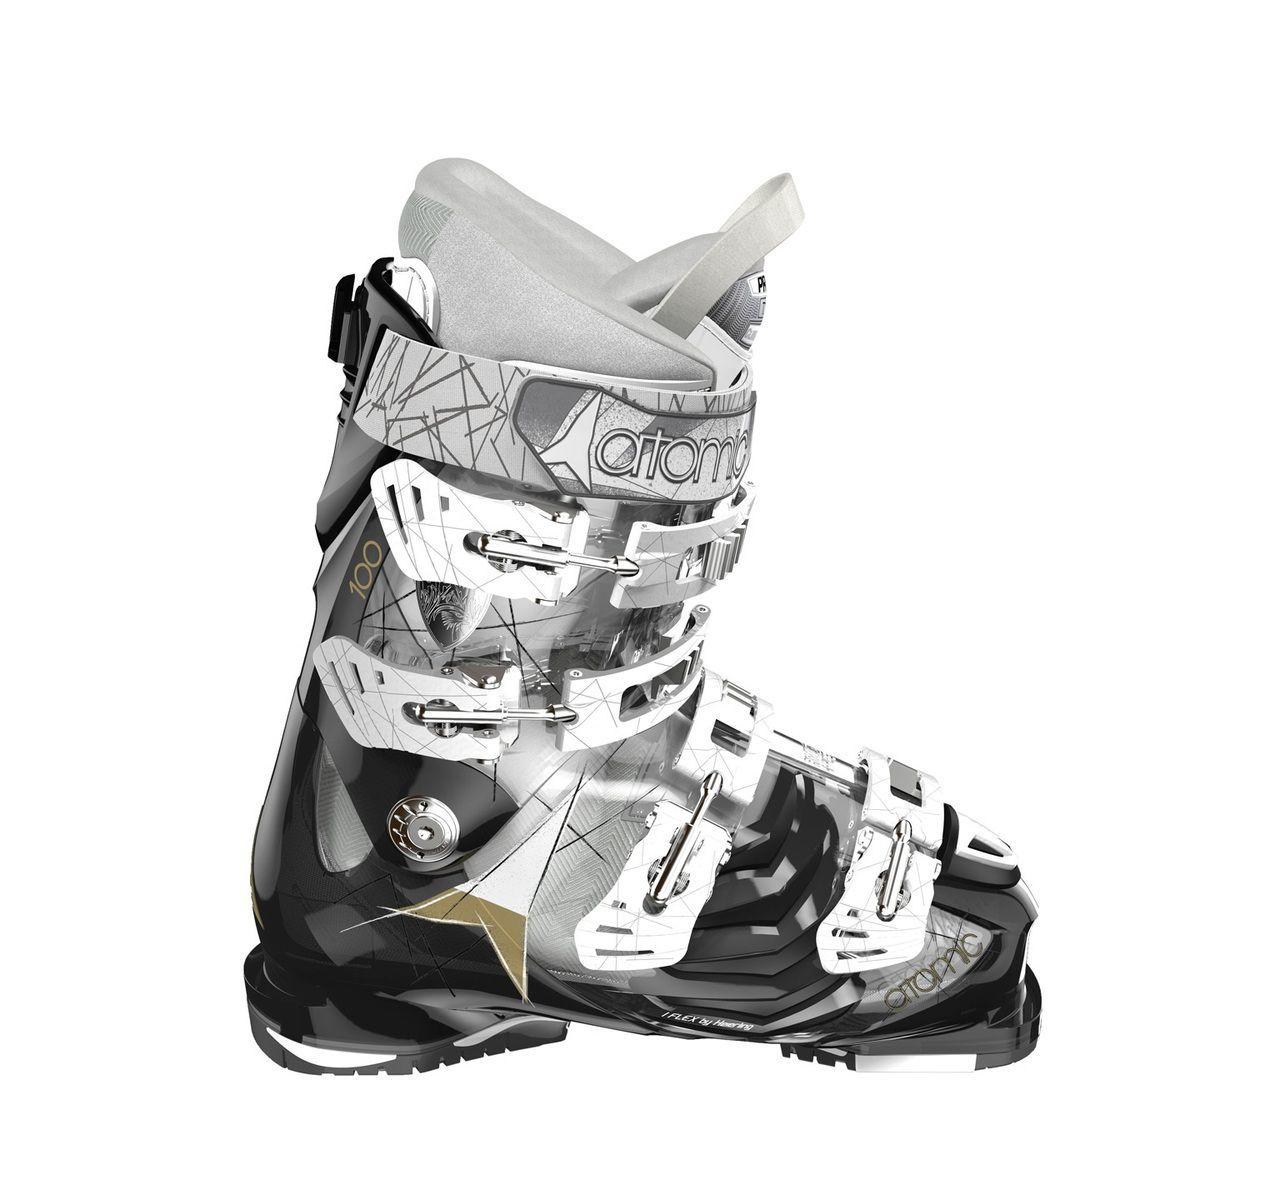 Buty narciarskie Atomic Hawx 100 W srebrny|czarny